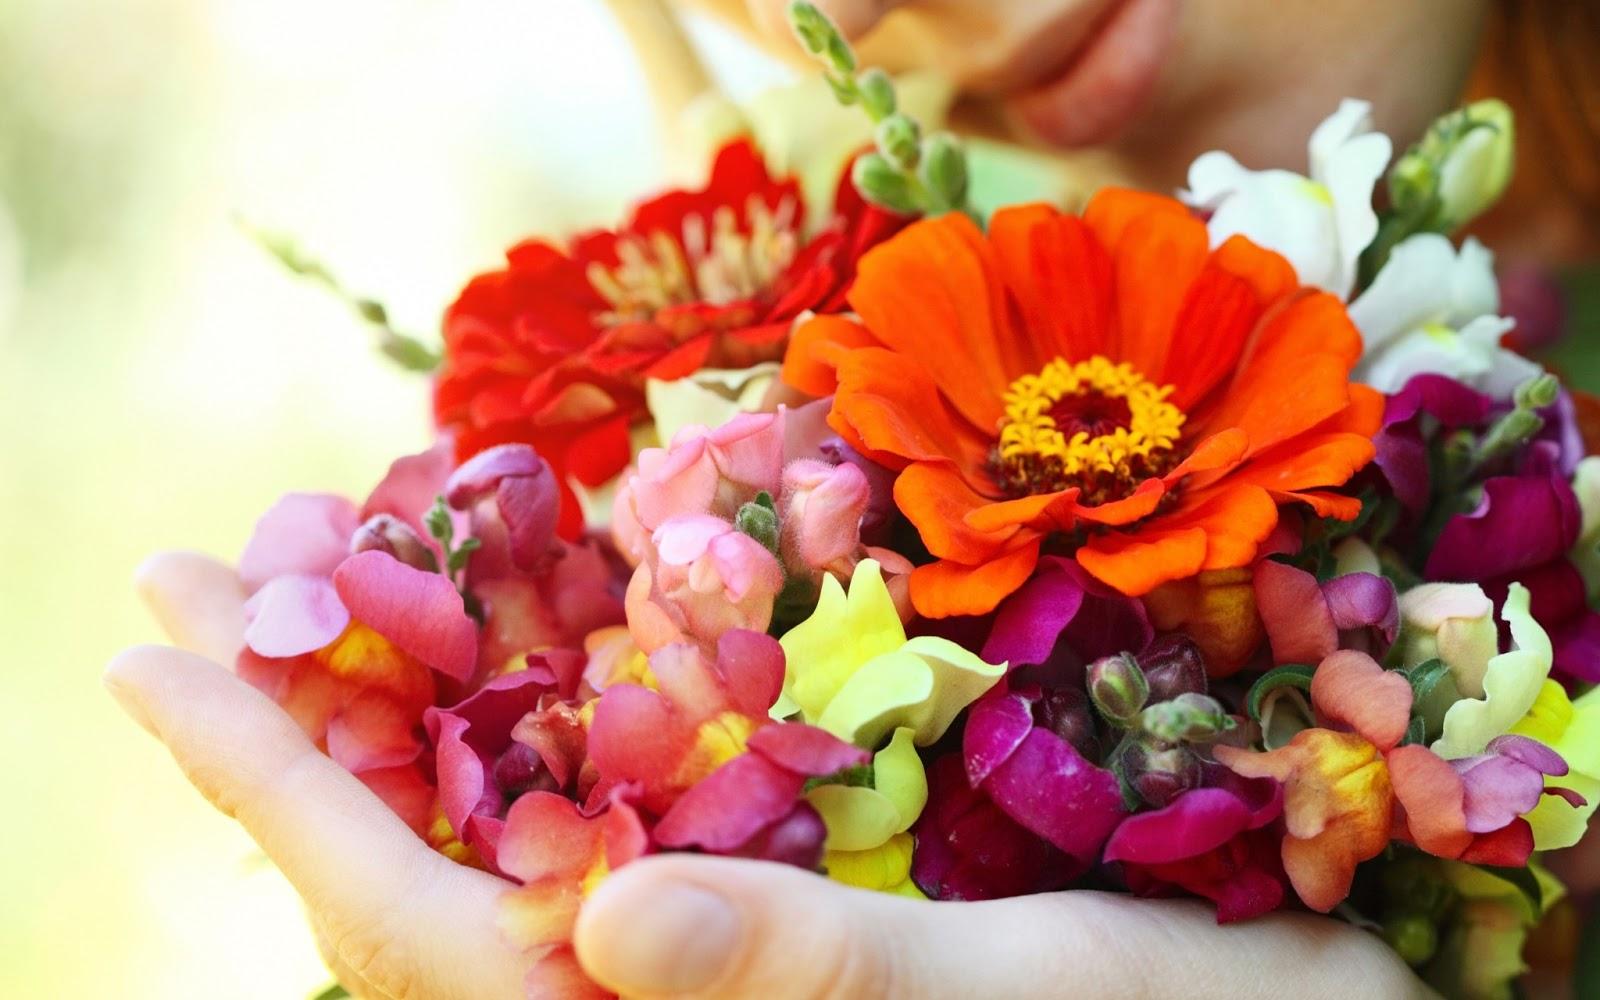 Fondos De Pantalla De Flores Hermosas: Fondo De Pantalla Flores Coloridas